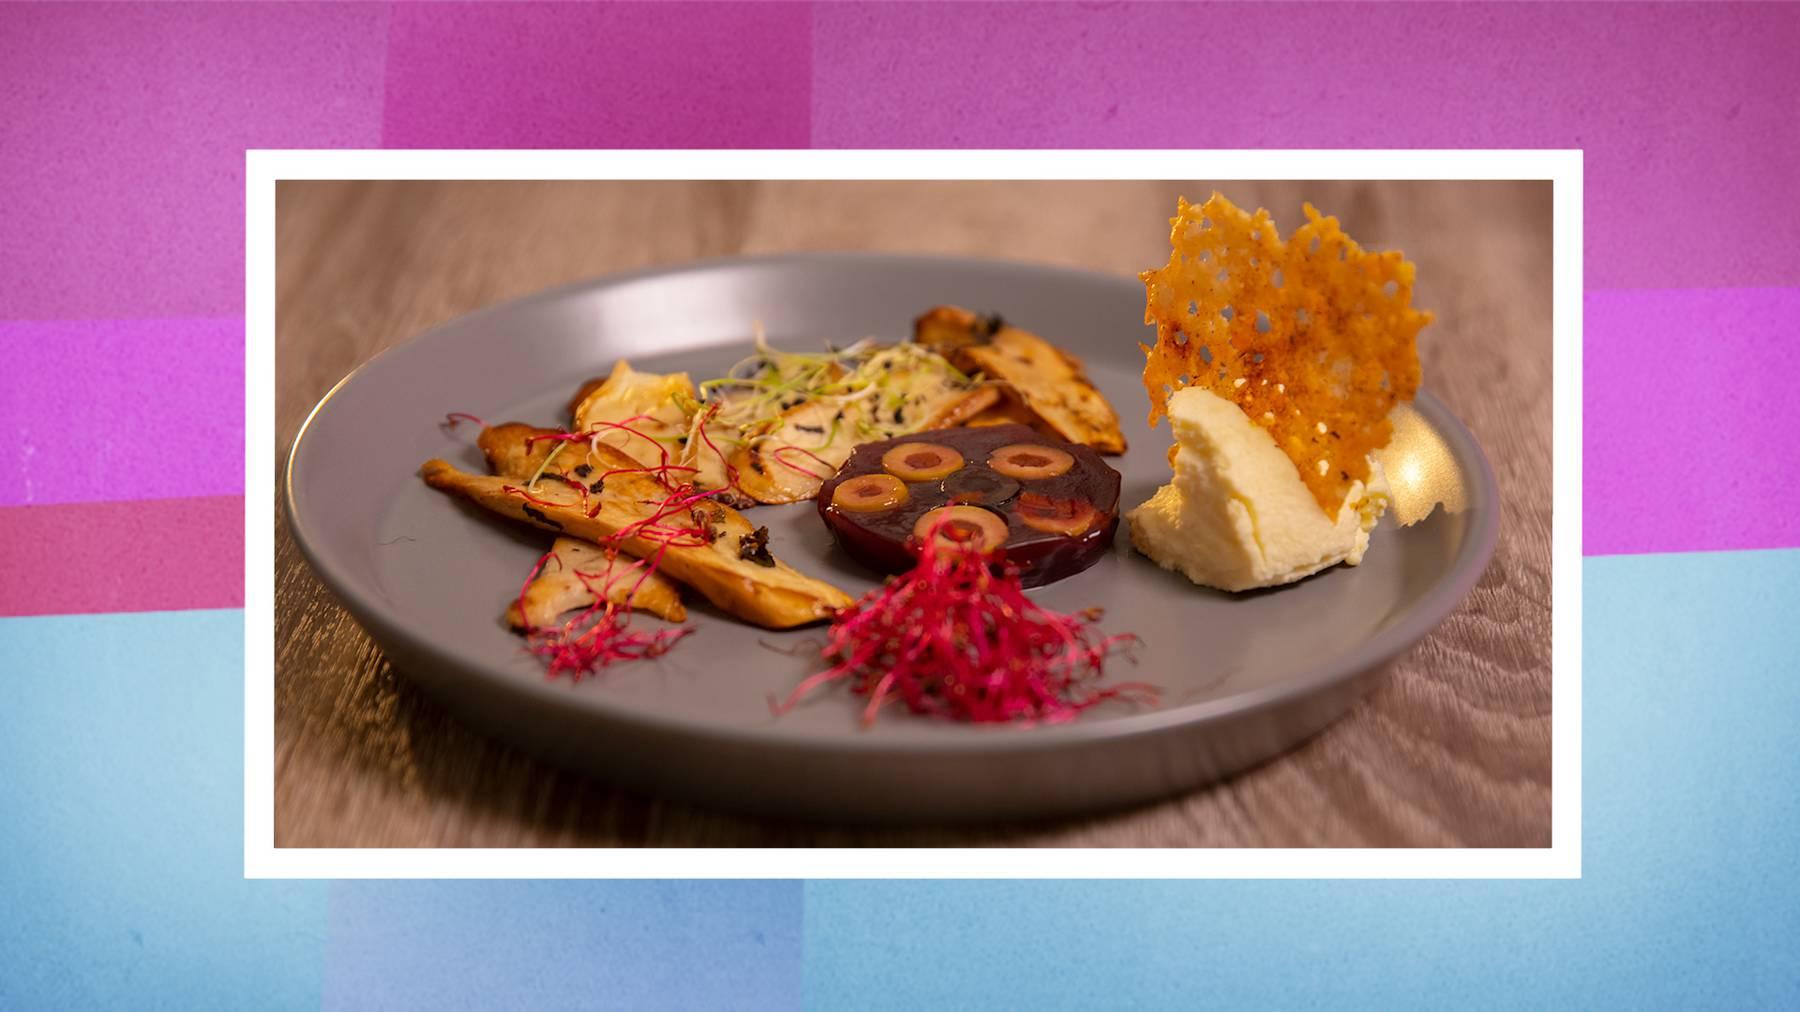 Parmesan-Mousse mit Portwein-Aspik auf sautiertem Pilz-Carpaccio garniert mit Käsecracker